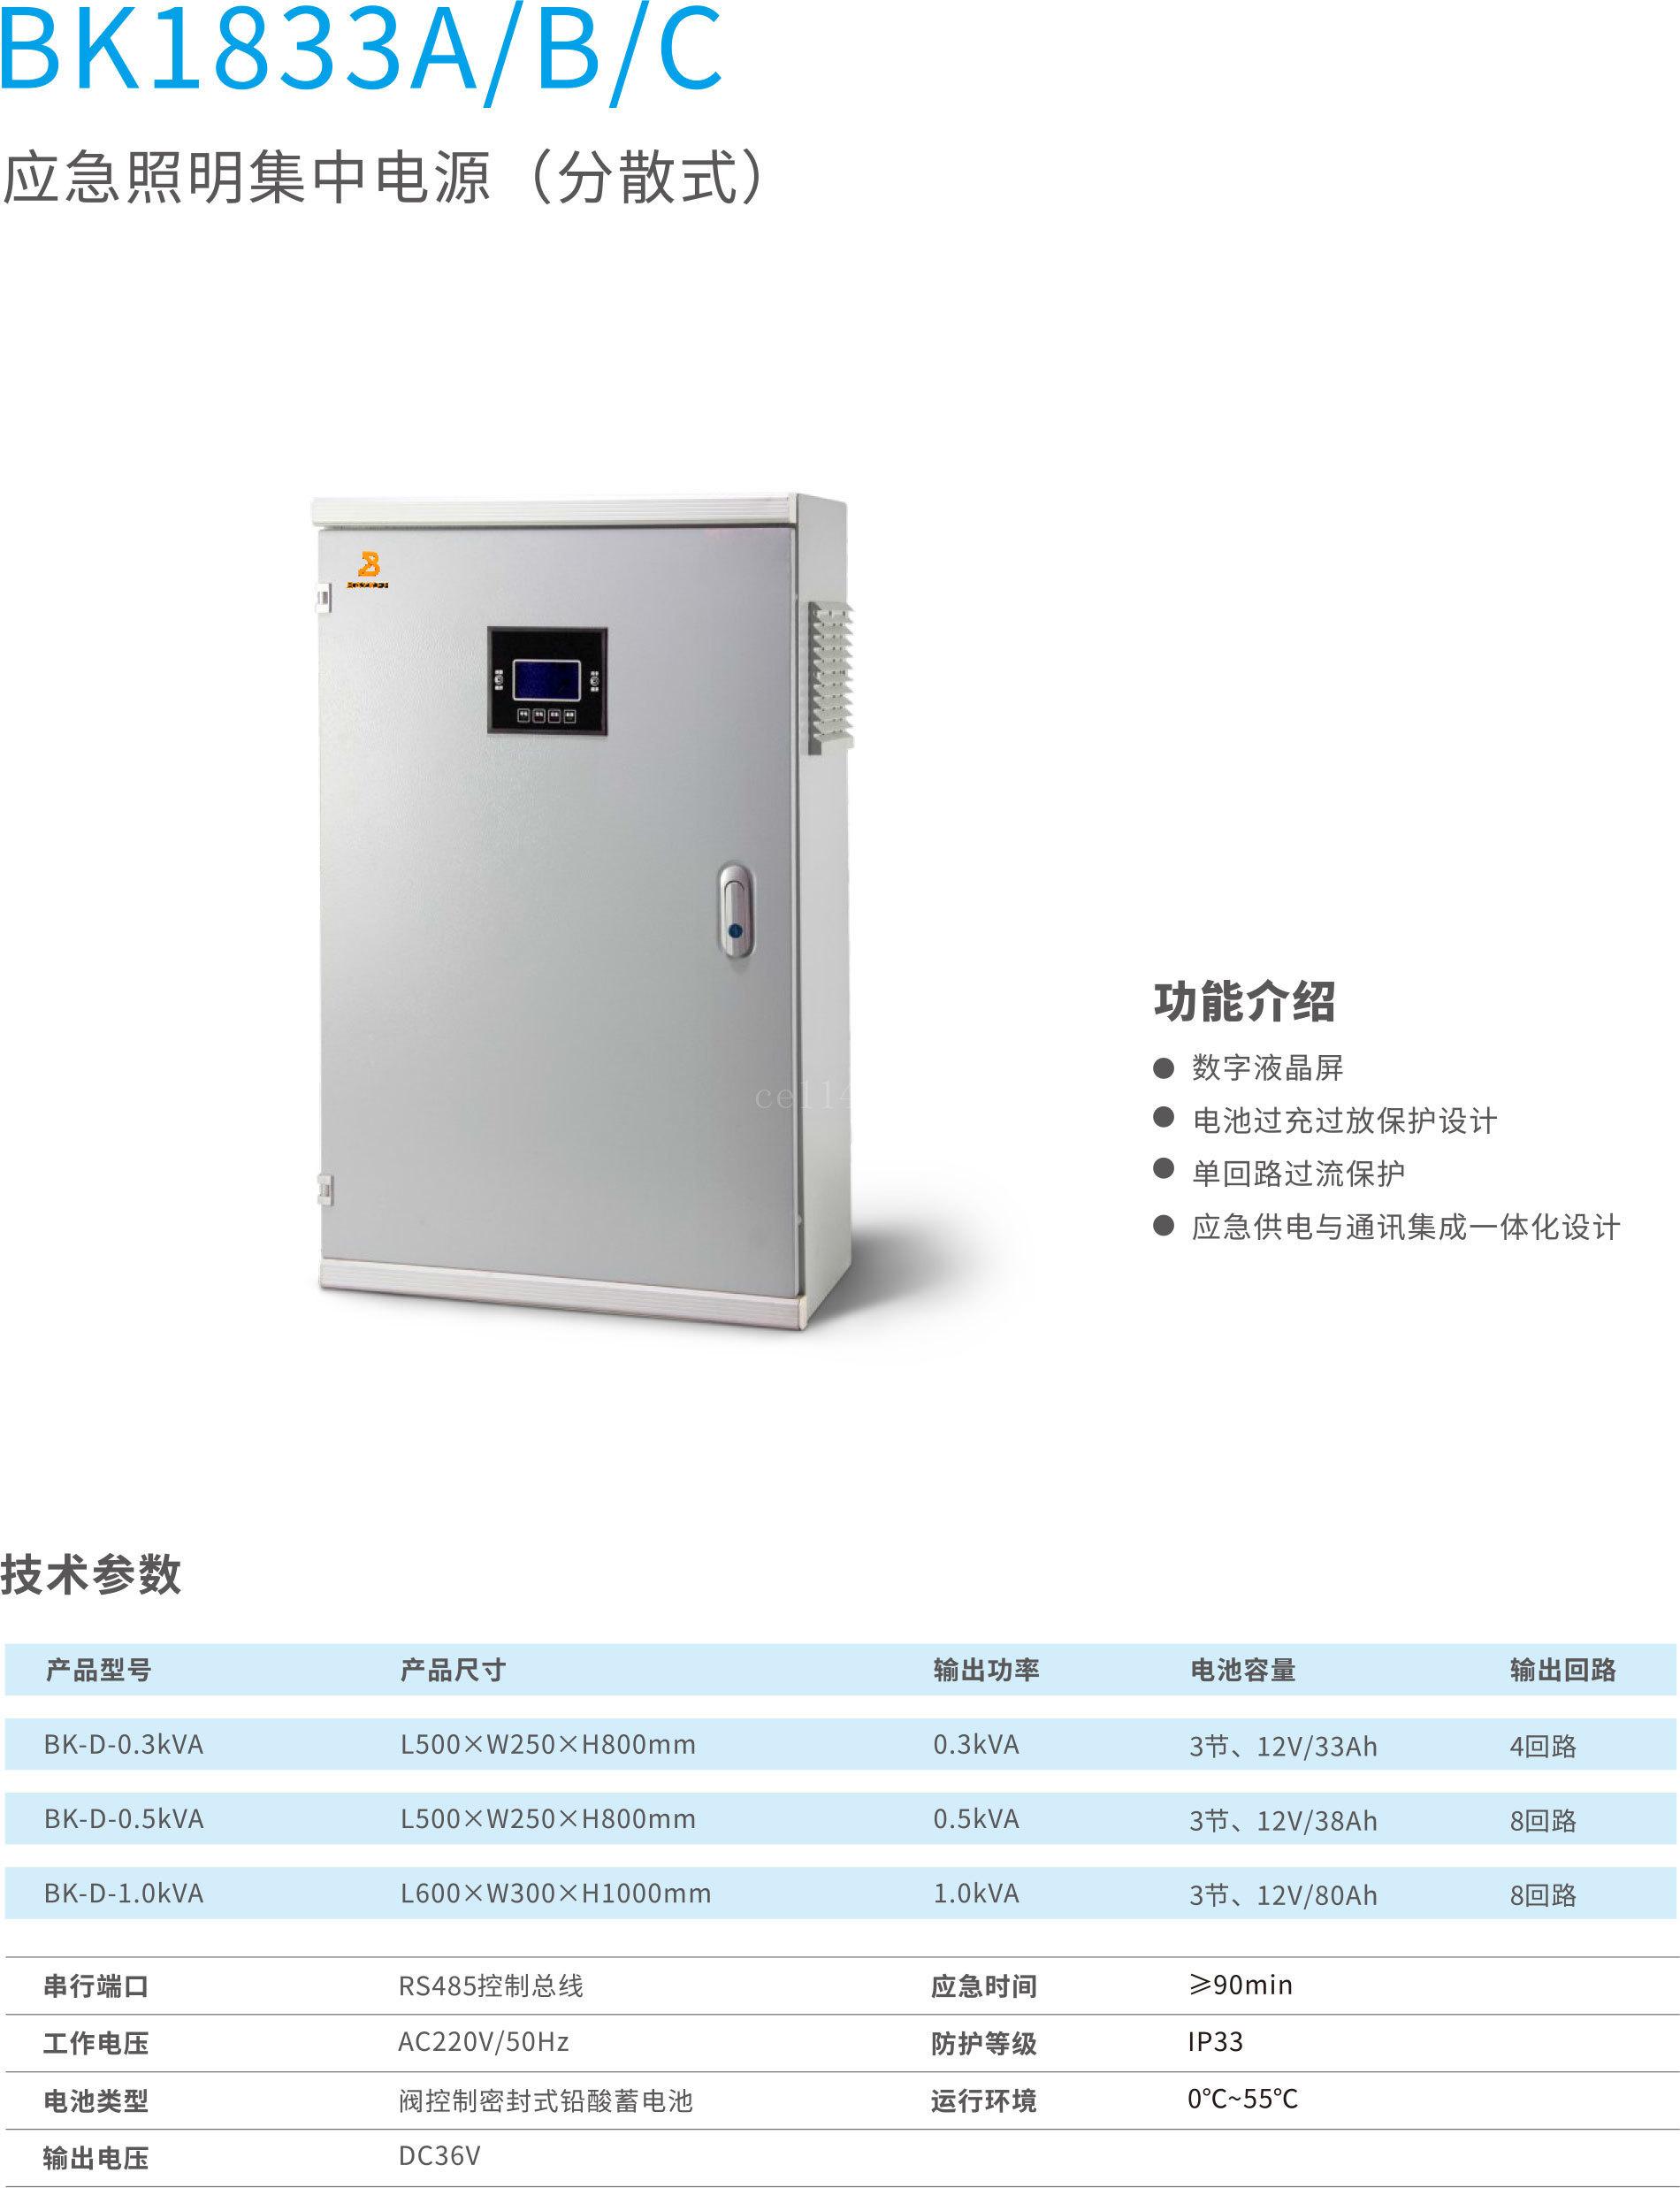 漳州逆变器厂家应急照明集中电源(分散式)